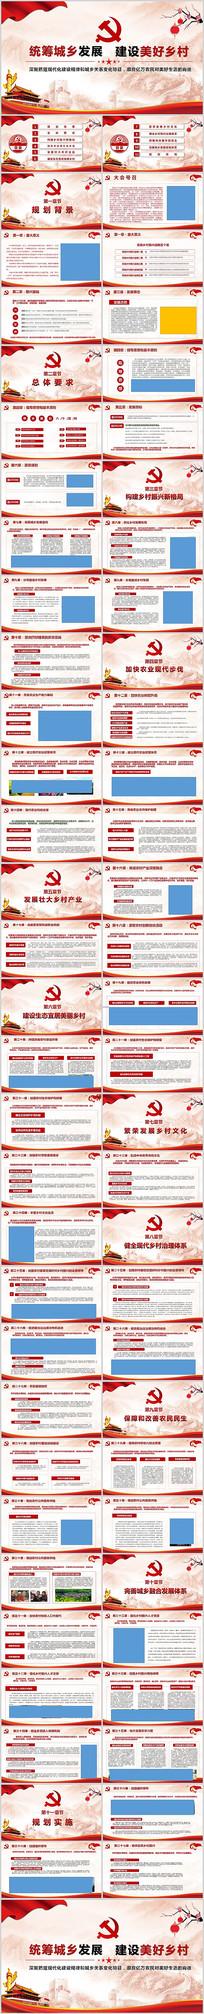 党政乡村振兴统筹规划PPT模板